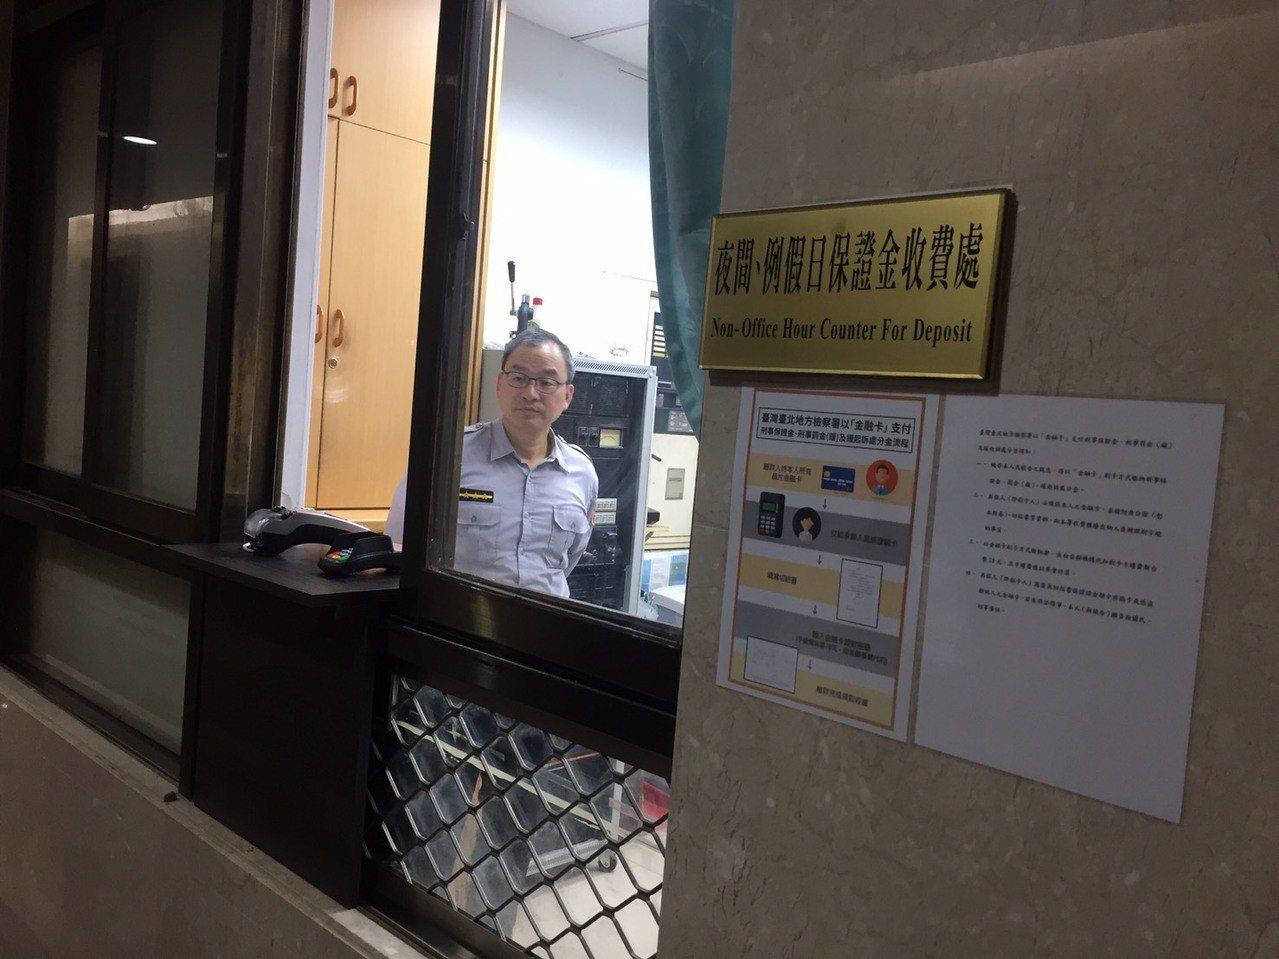 民眾今日起可持本人金融卡至台北地檢署繳納刑事保證金、罰金、緩起訴處分金等相關費用...